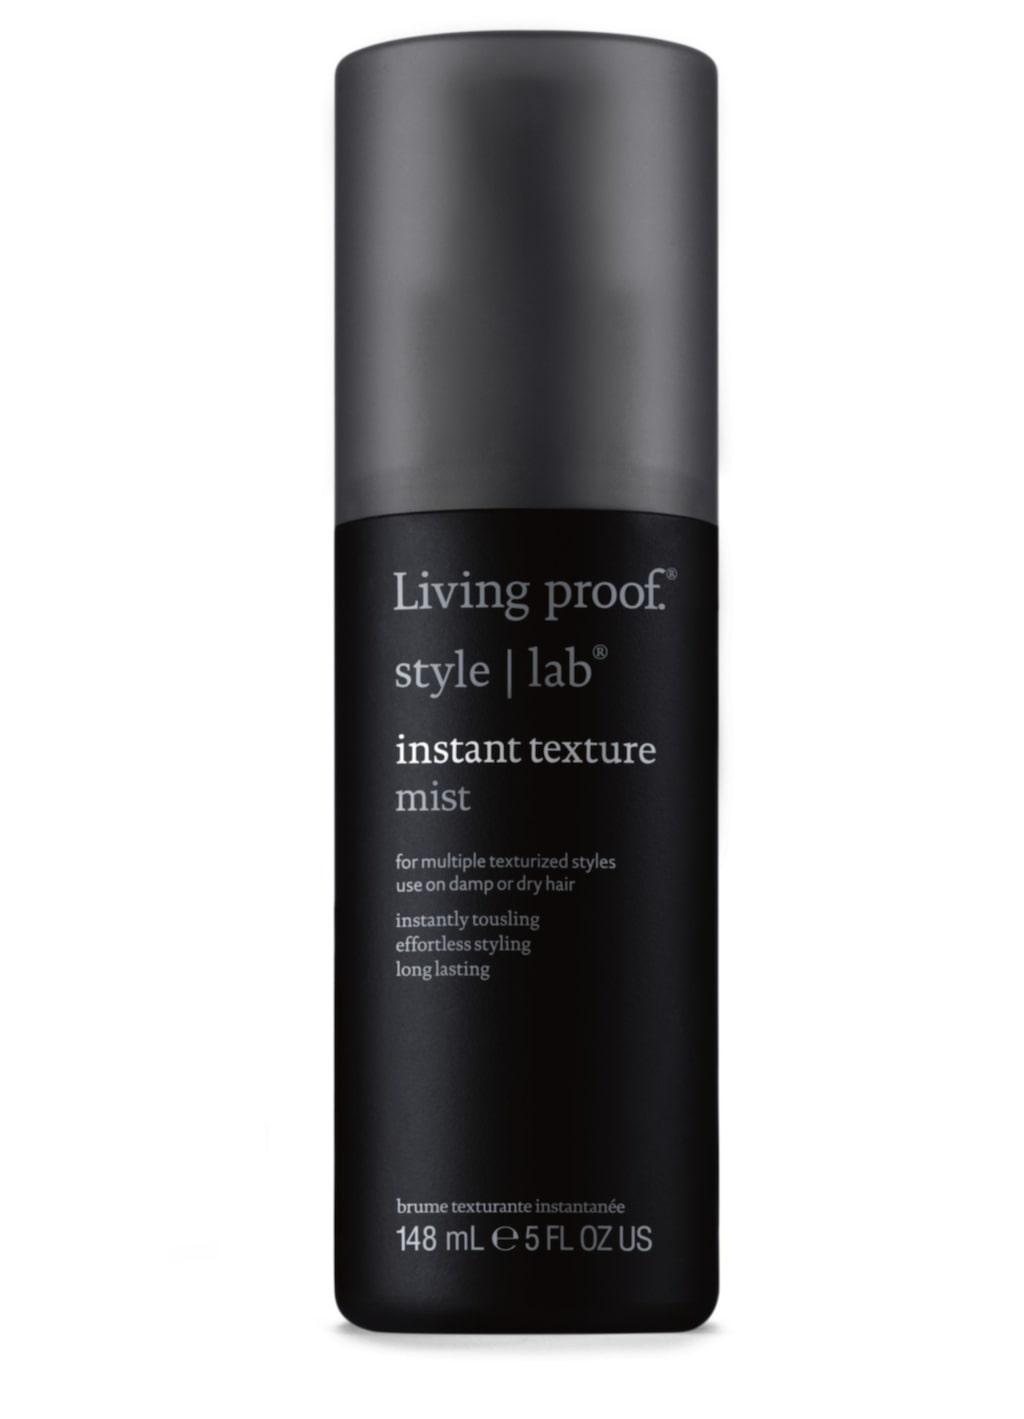 """<p><strong>Instant texture mist, 229 kronor/148 ml, Living proof</strong><br>Känns som en blandning mellan saltvattensprej och volym-mist som gör håret följsamt och naturligt med lite glansig polish. Perfekt för ett tunt skandinaviskt hår som behöver struktur. Känns inte alls så strävt. God doft. Lyko.se</p><p><exp:icon type=""""wasp""""></exp:icon><exp:icon type=""""wasp""""></exp:icon><exp:icon type=""""wasp""""></exp:icon><exp:icon type=""""wasp""""></exp:icon><exp:icon type=""""wasp""""></exp:icon><br></p>"""